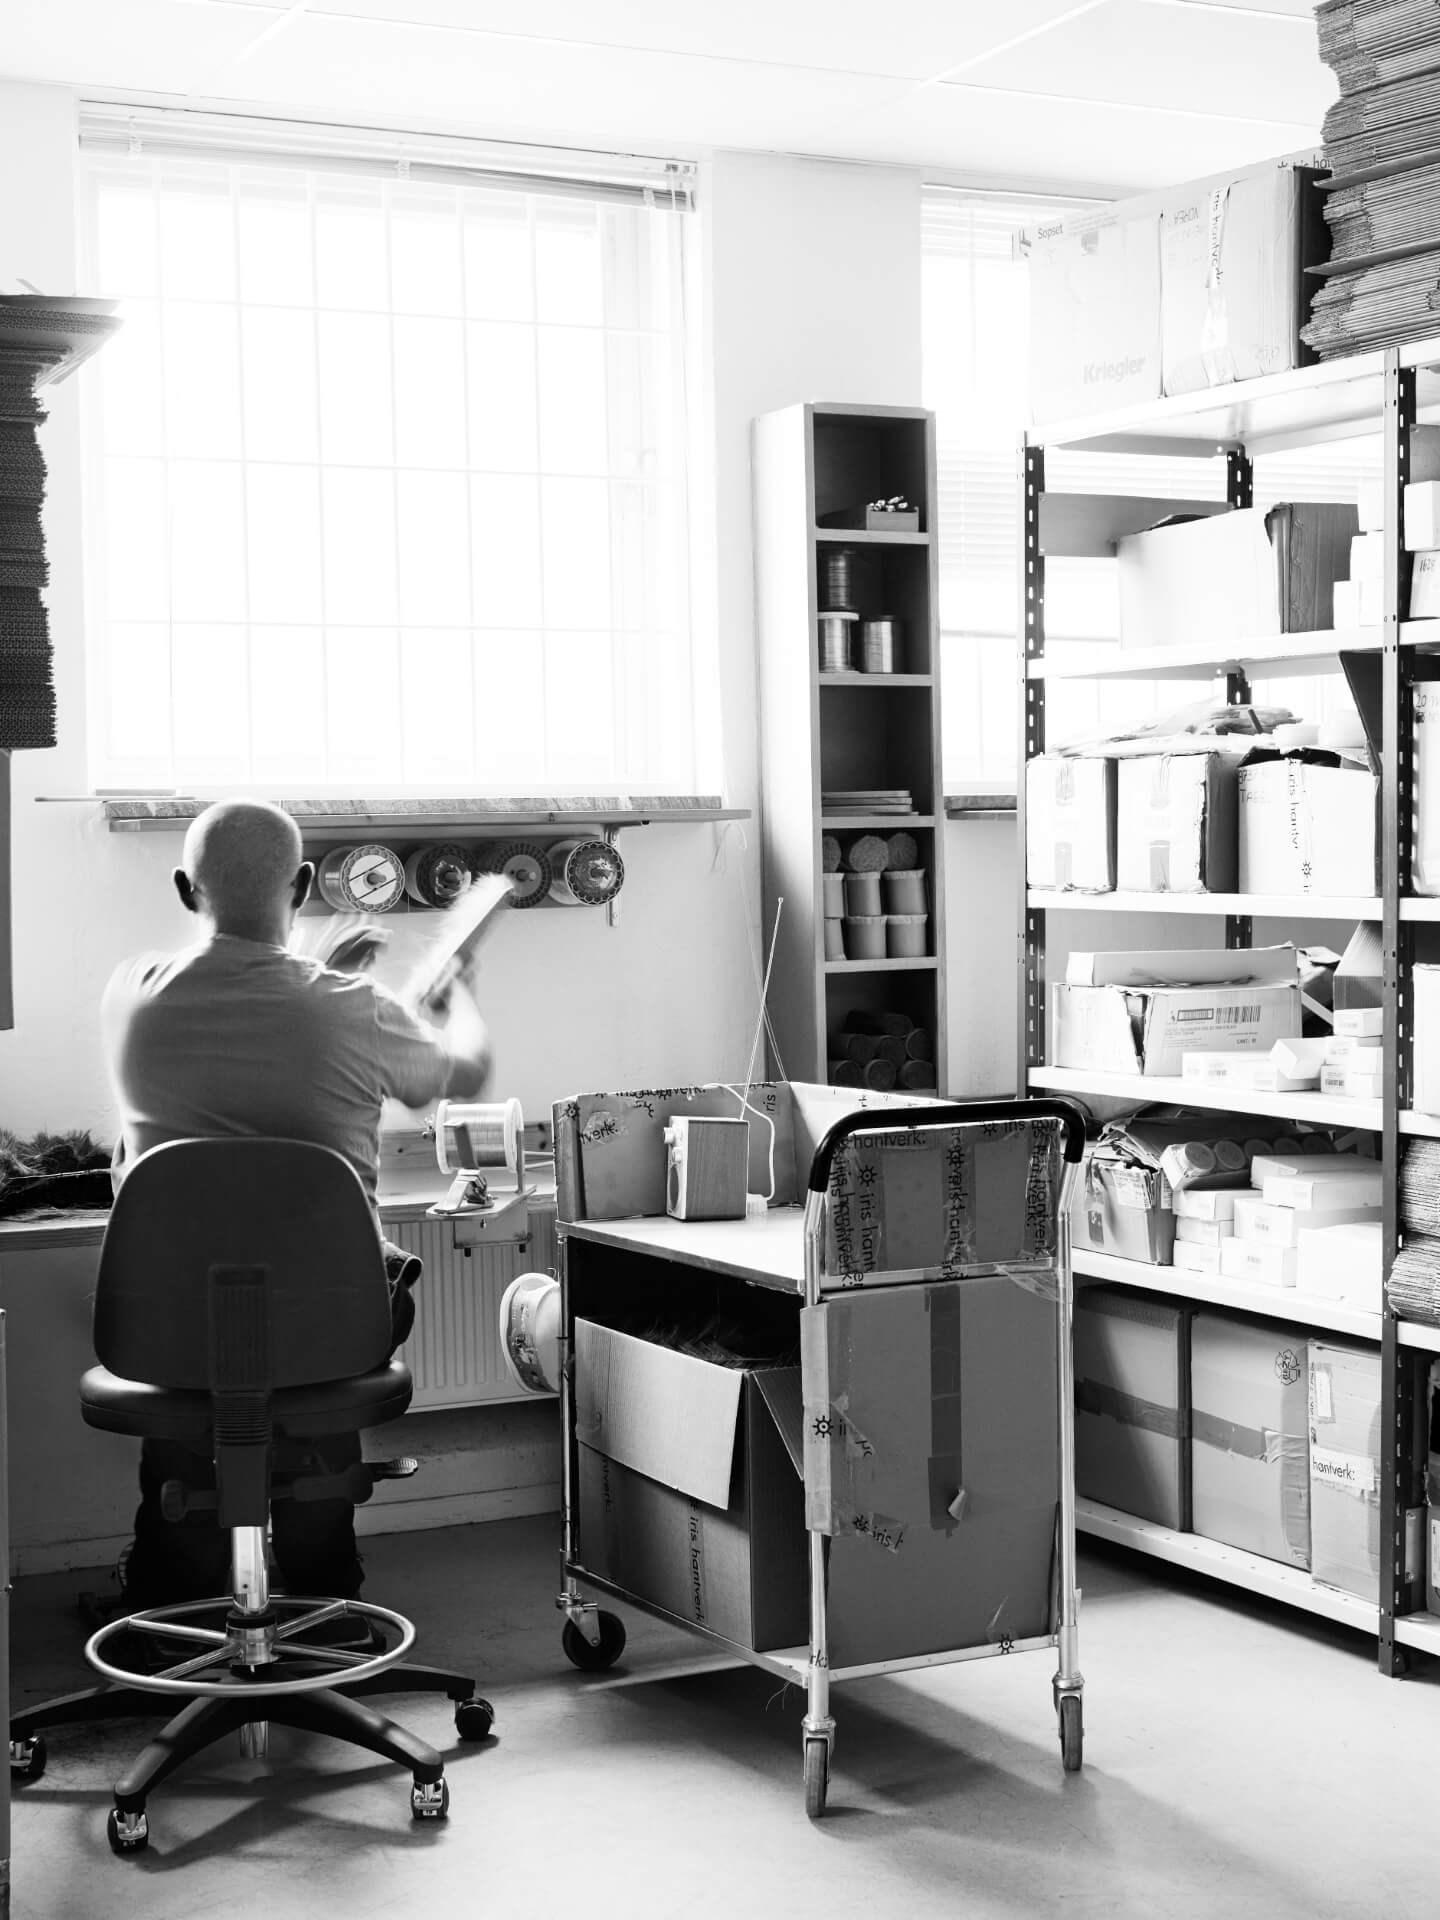 Miljøbilde av badebørster og skrubber fra Iris Hantverk. Bilde av mann bakfra på børstebindingsfabrikken.